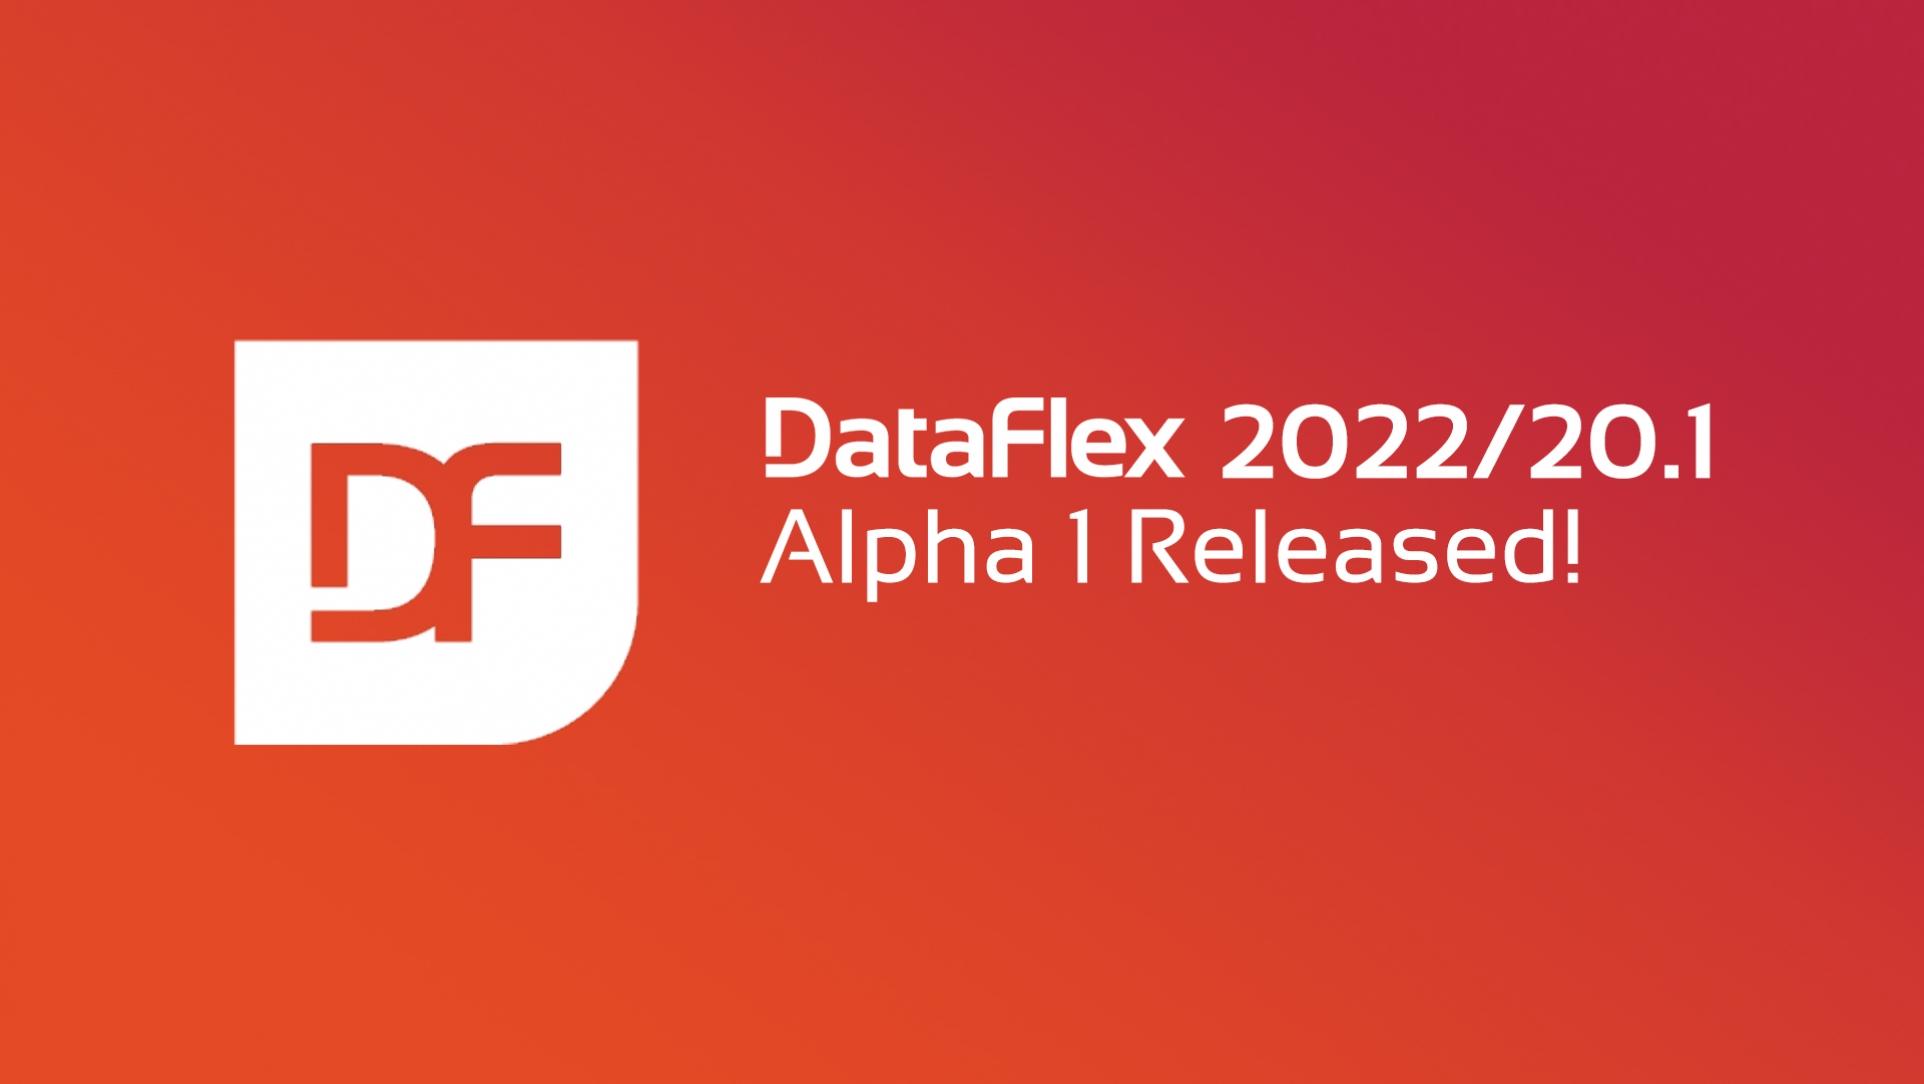 2021-09-28 DataFlex 2022 Alpha 1